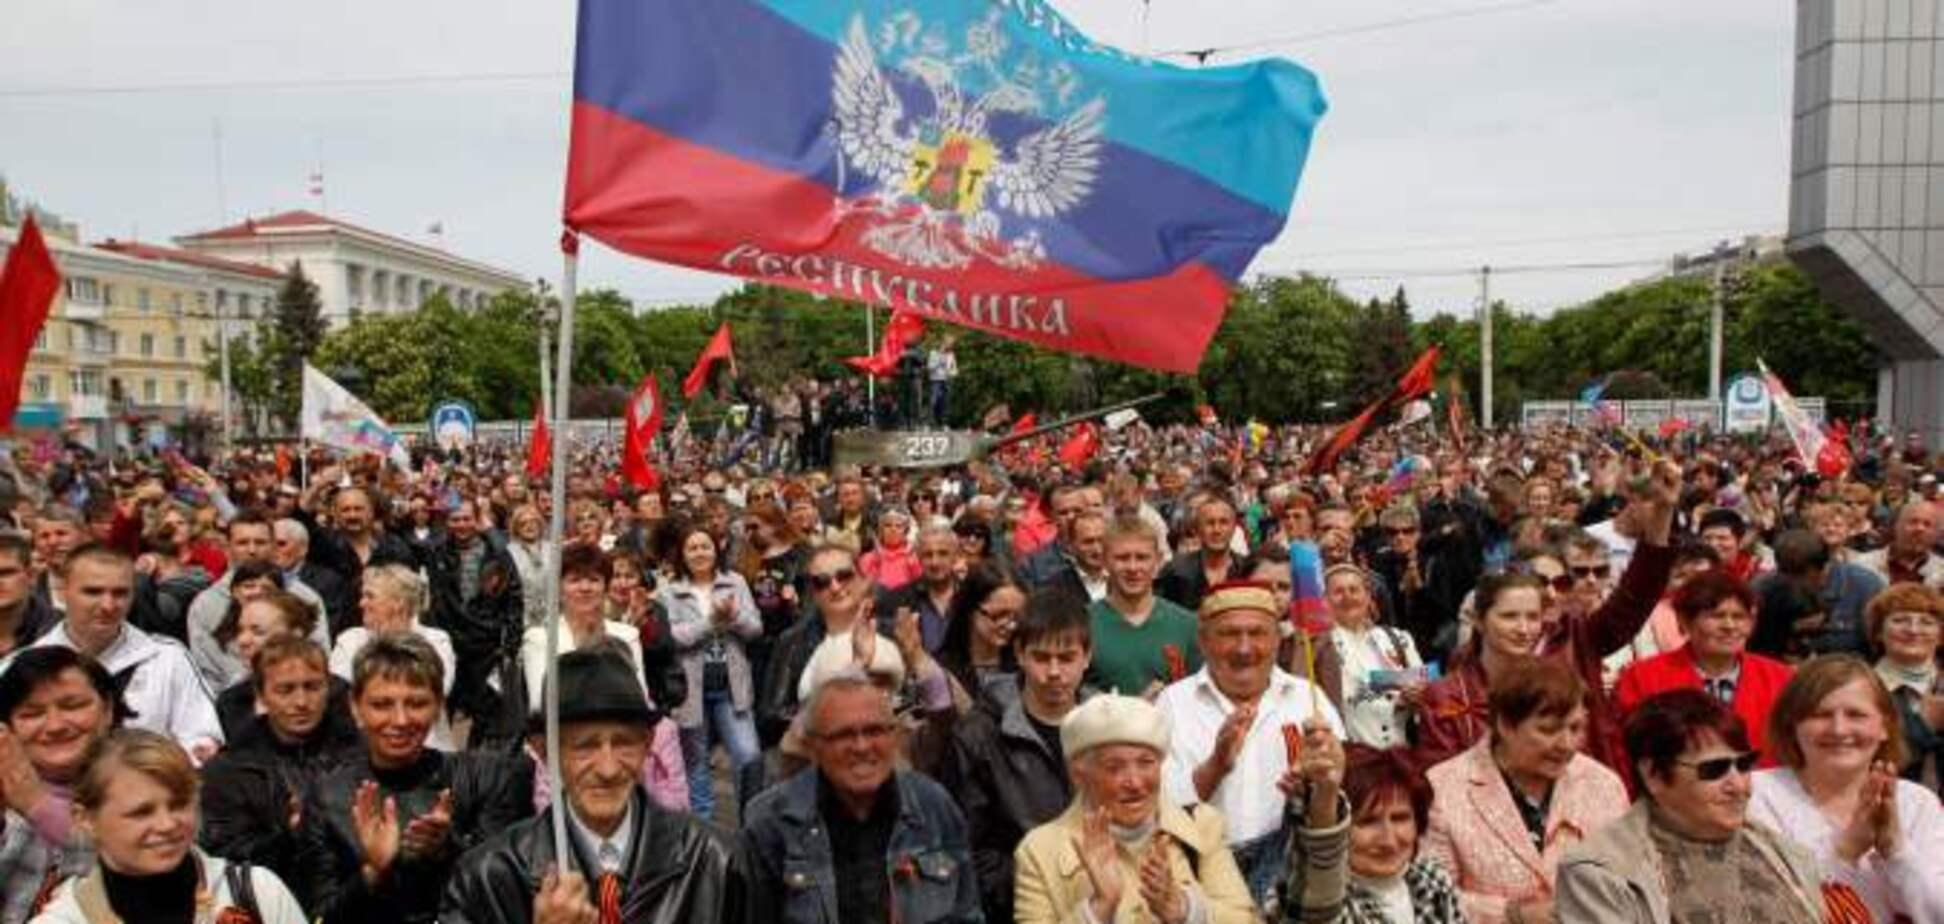 Пропагандисты Путина припугнули 'Л/ДНР' расстрелами